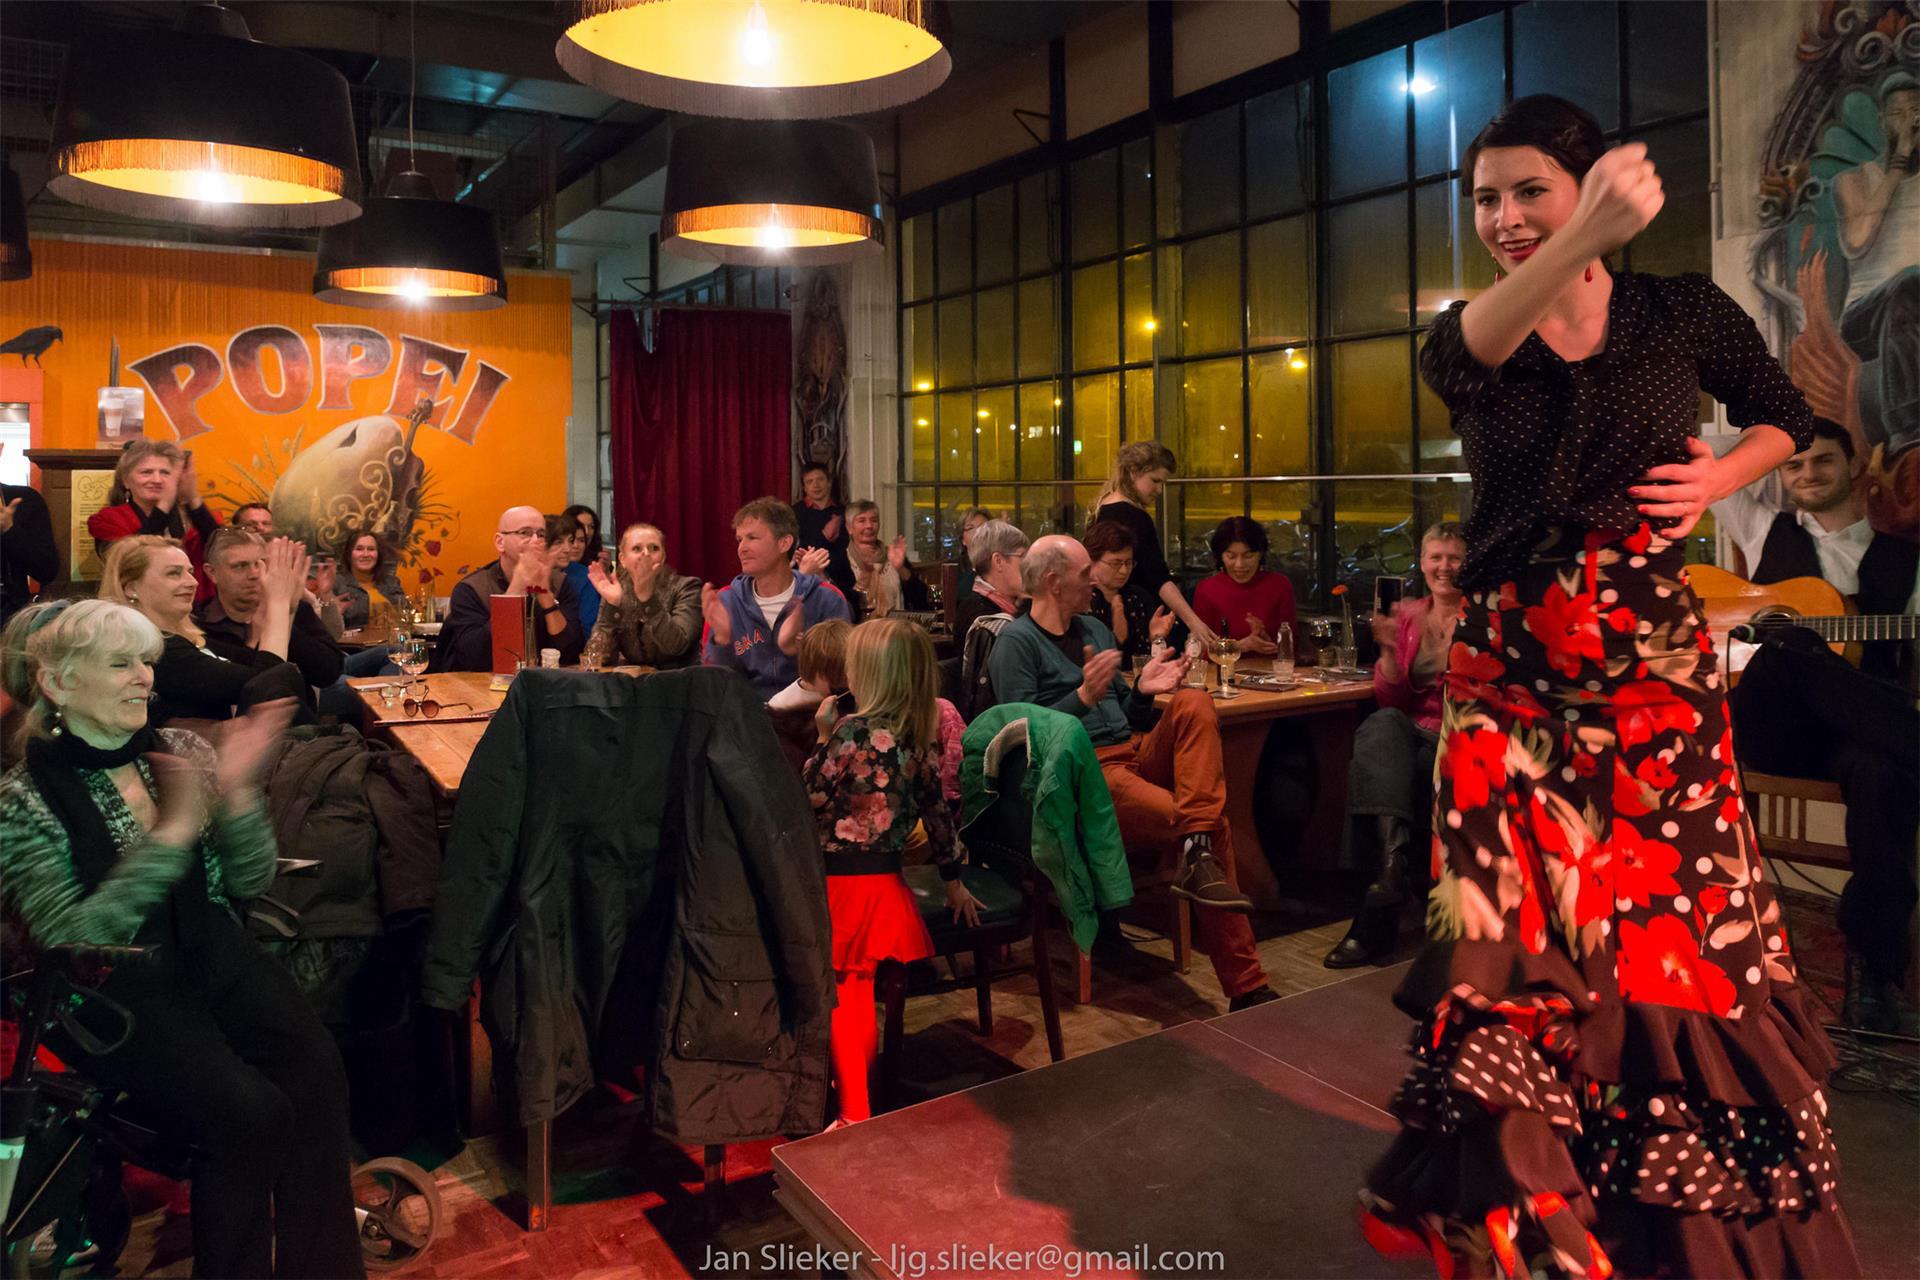 woensel_20161016 Noche Flamenca_Jan Slieker.jpg